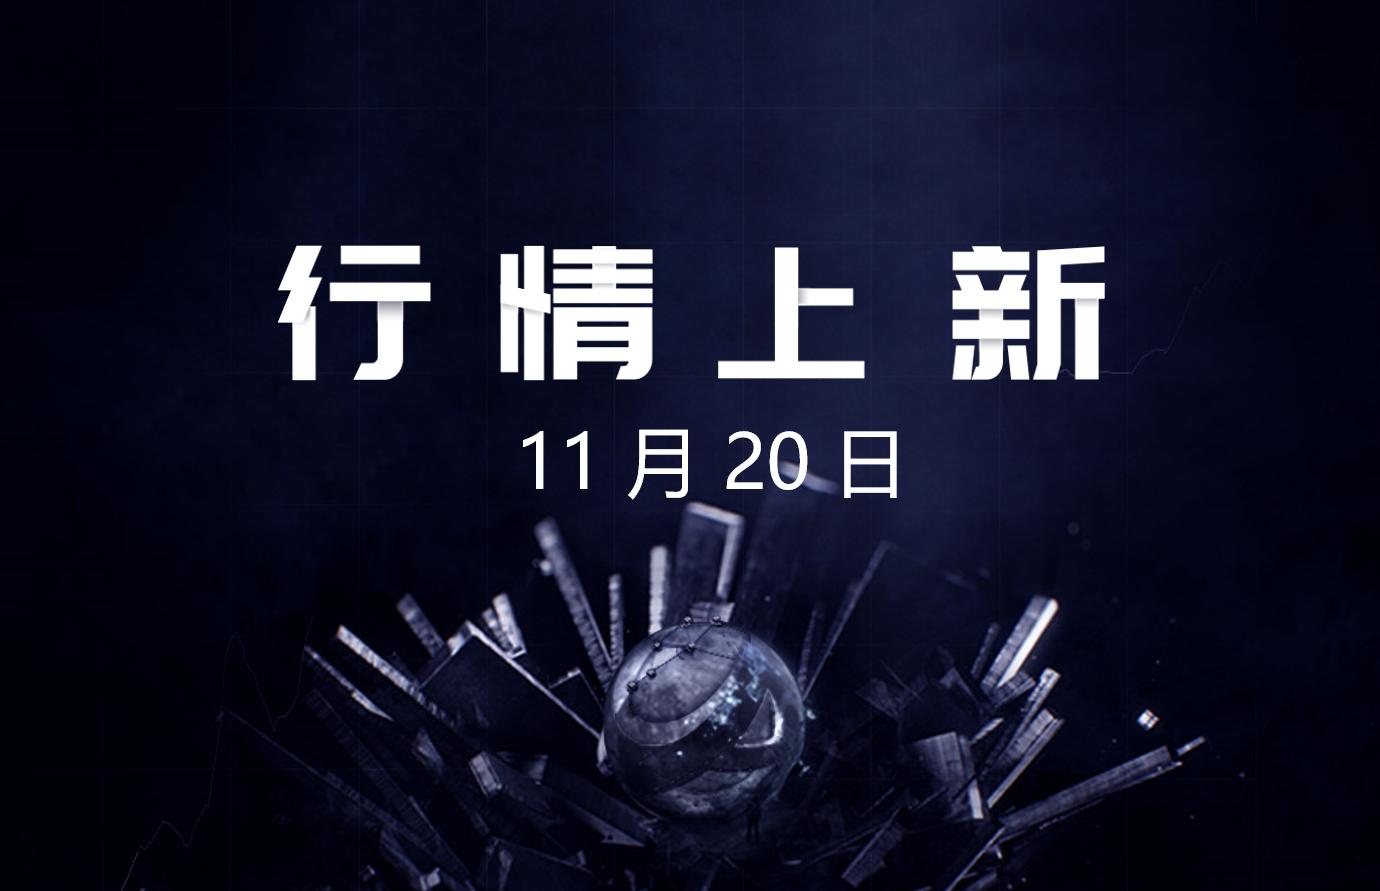 11月20日-AICoin 行情上新(新增9交易对,涉及4平台)_aicoin_图1